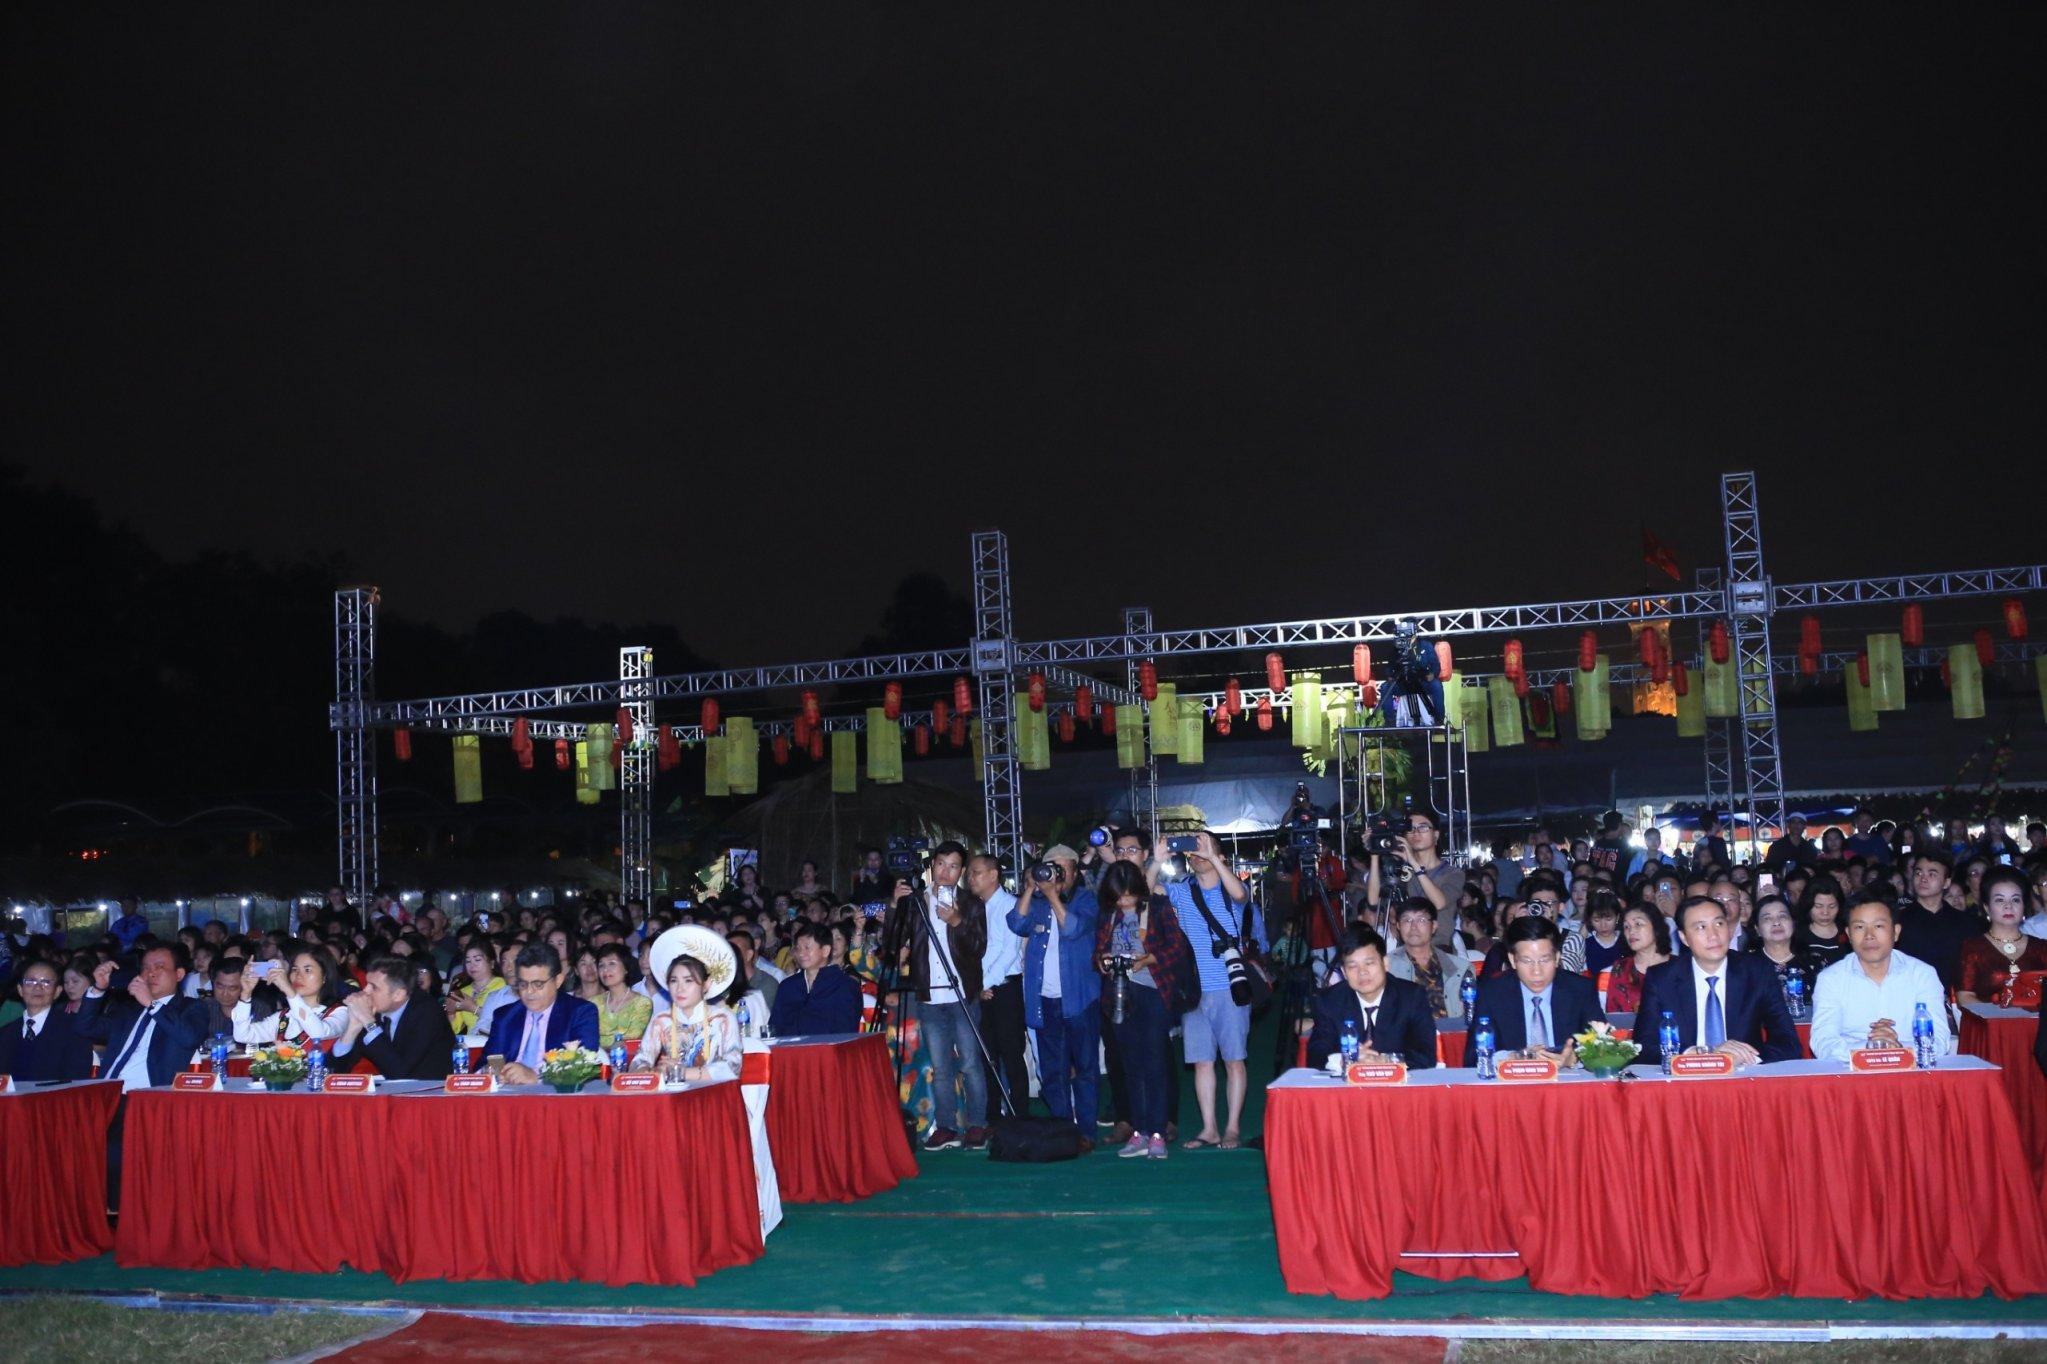 Lễ khai mạc vào tối 5/4 thu hút hàng nghìn người tham gia, đặc biệt là du khách nước ngoài. Sự kiện này là điểm hội tụ của những giá trị văn hóa nghệ thuật kết tinh qua nhiều thế kỷ của 3 miền Bắc - Trung - Nam